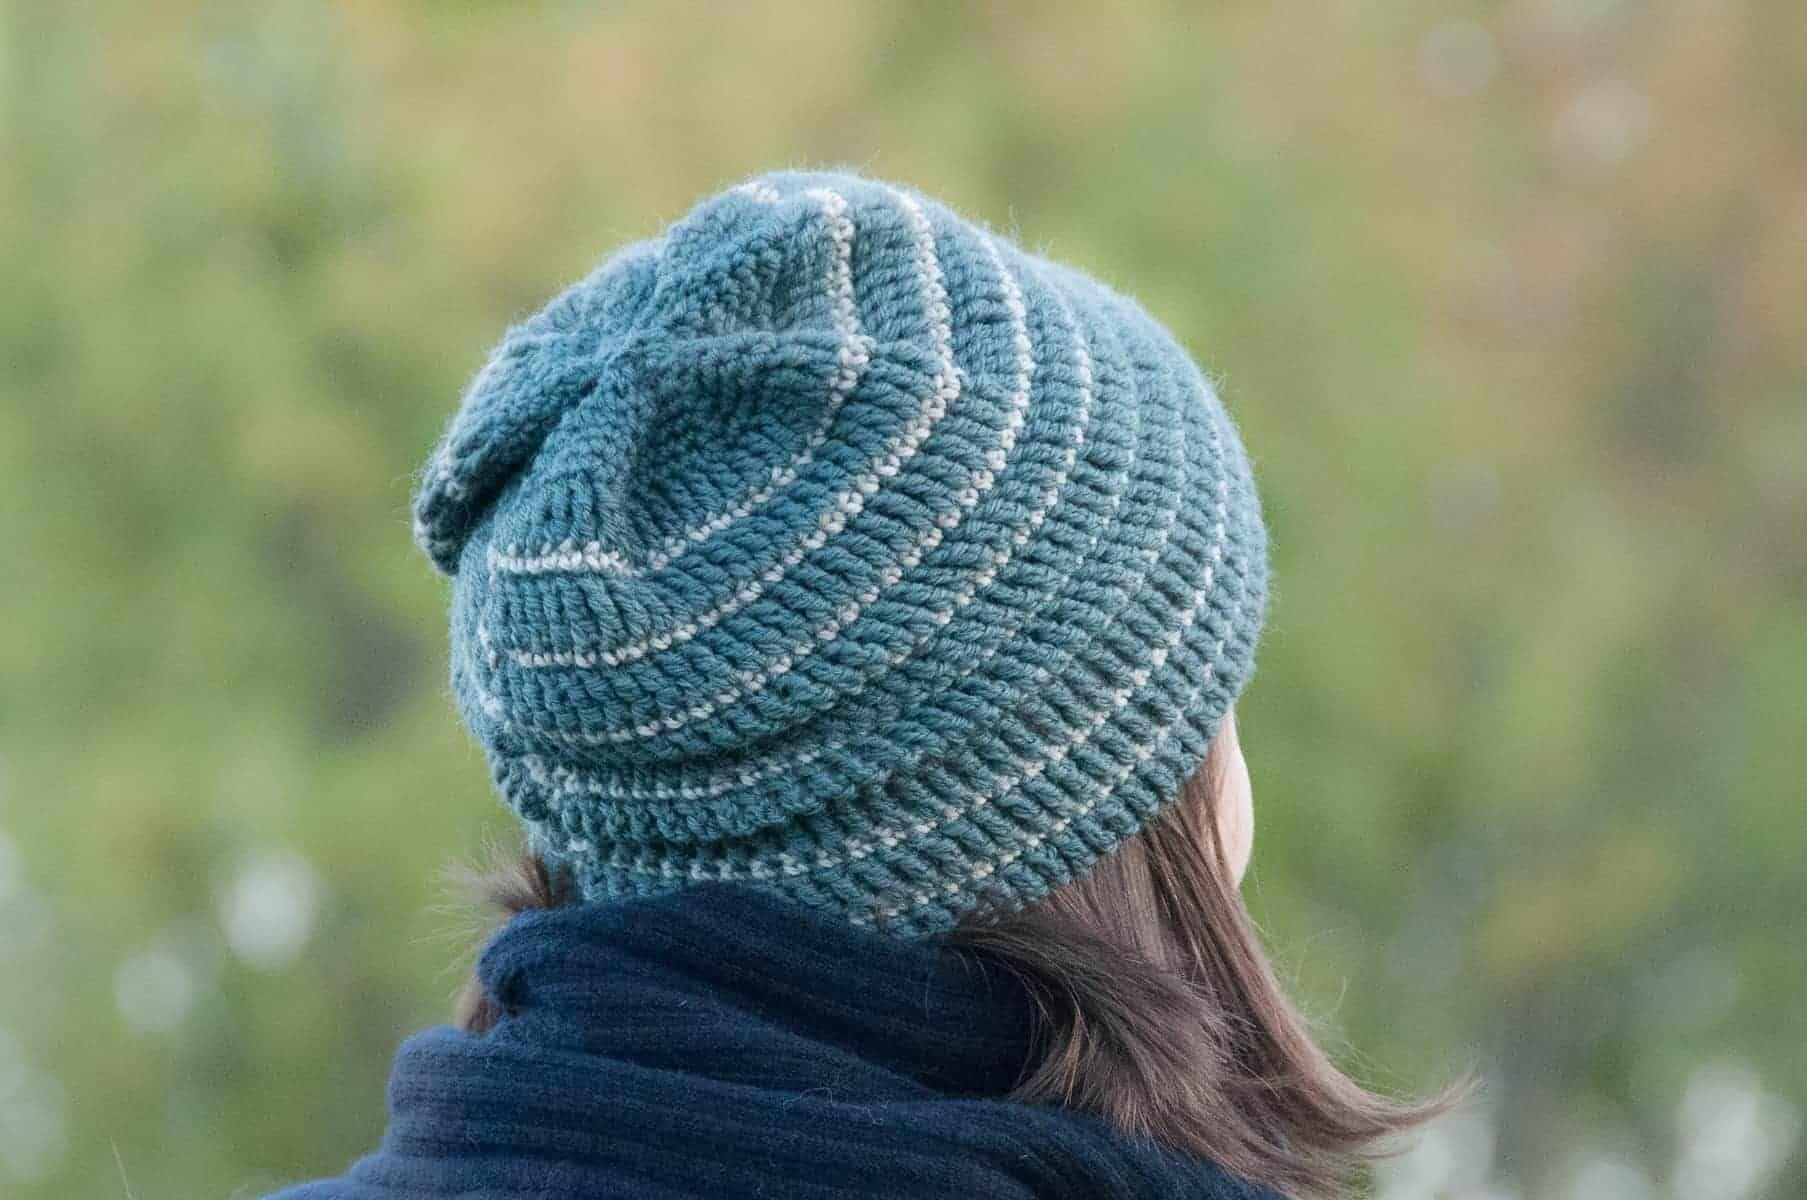 Free crochet pattern for a crochet hat. Textured FREE crochet pattern for a crochet